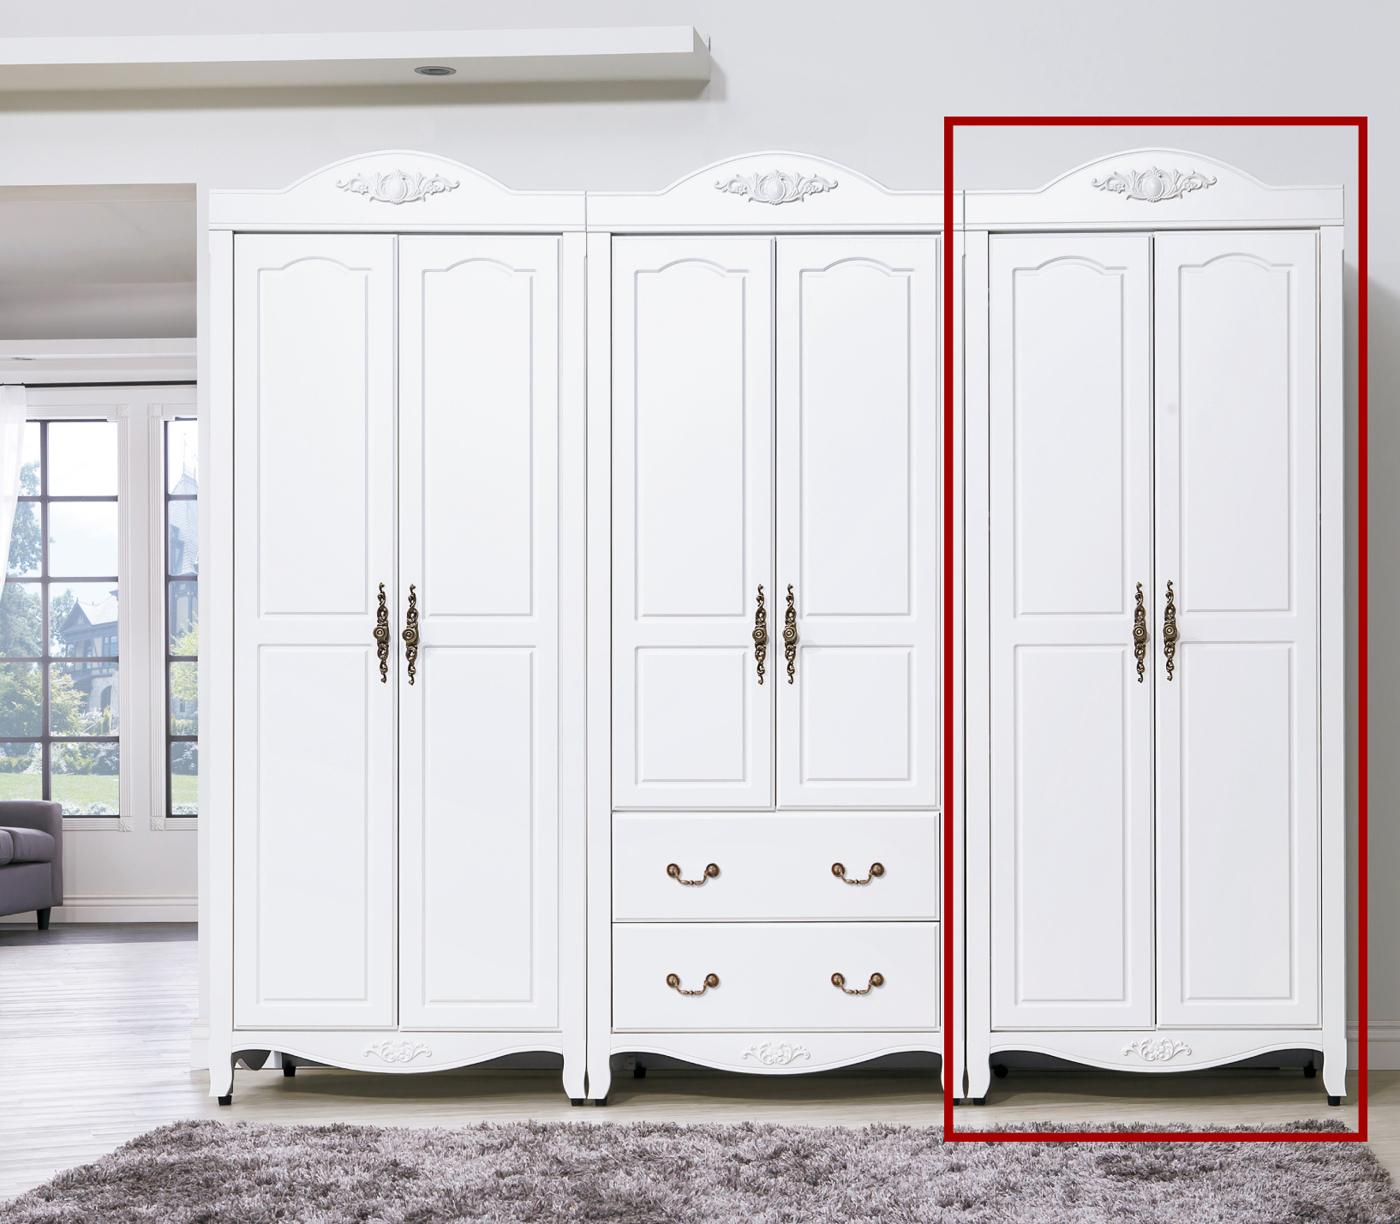 森可家居艾拉鄉村2.7尺雙吊衣櫥單只6HY48-2衣櫃白色法式鄉村風古典公主